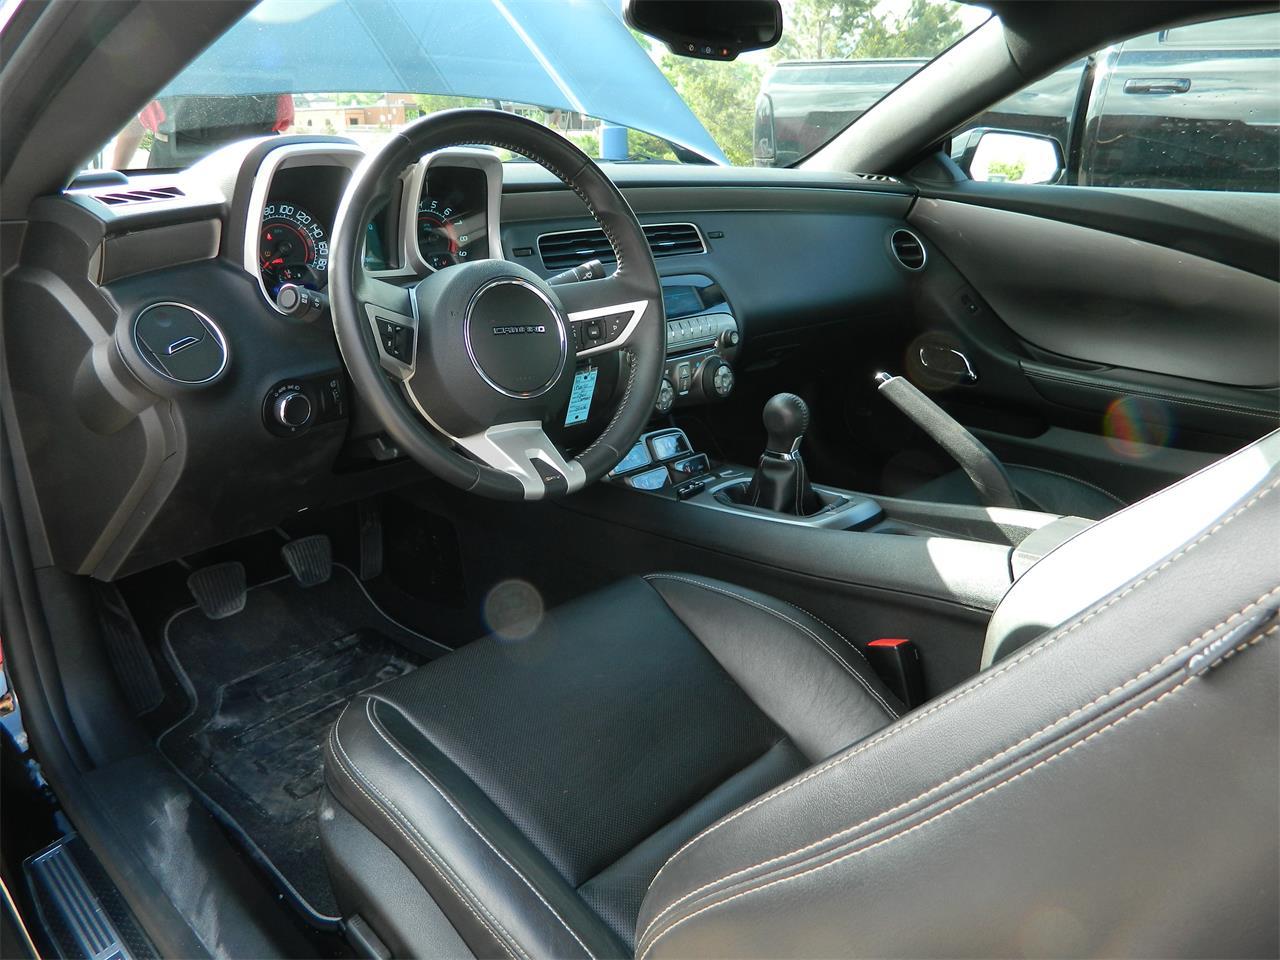 2011 Chevrolet Camaro SS (CC-1099089) for sale in Colorado springs, Colorado